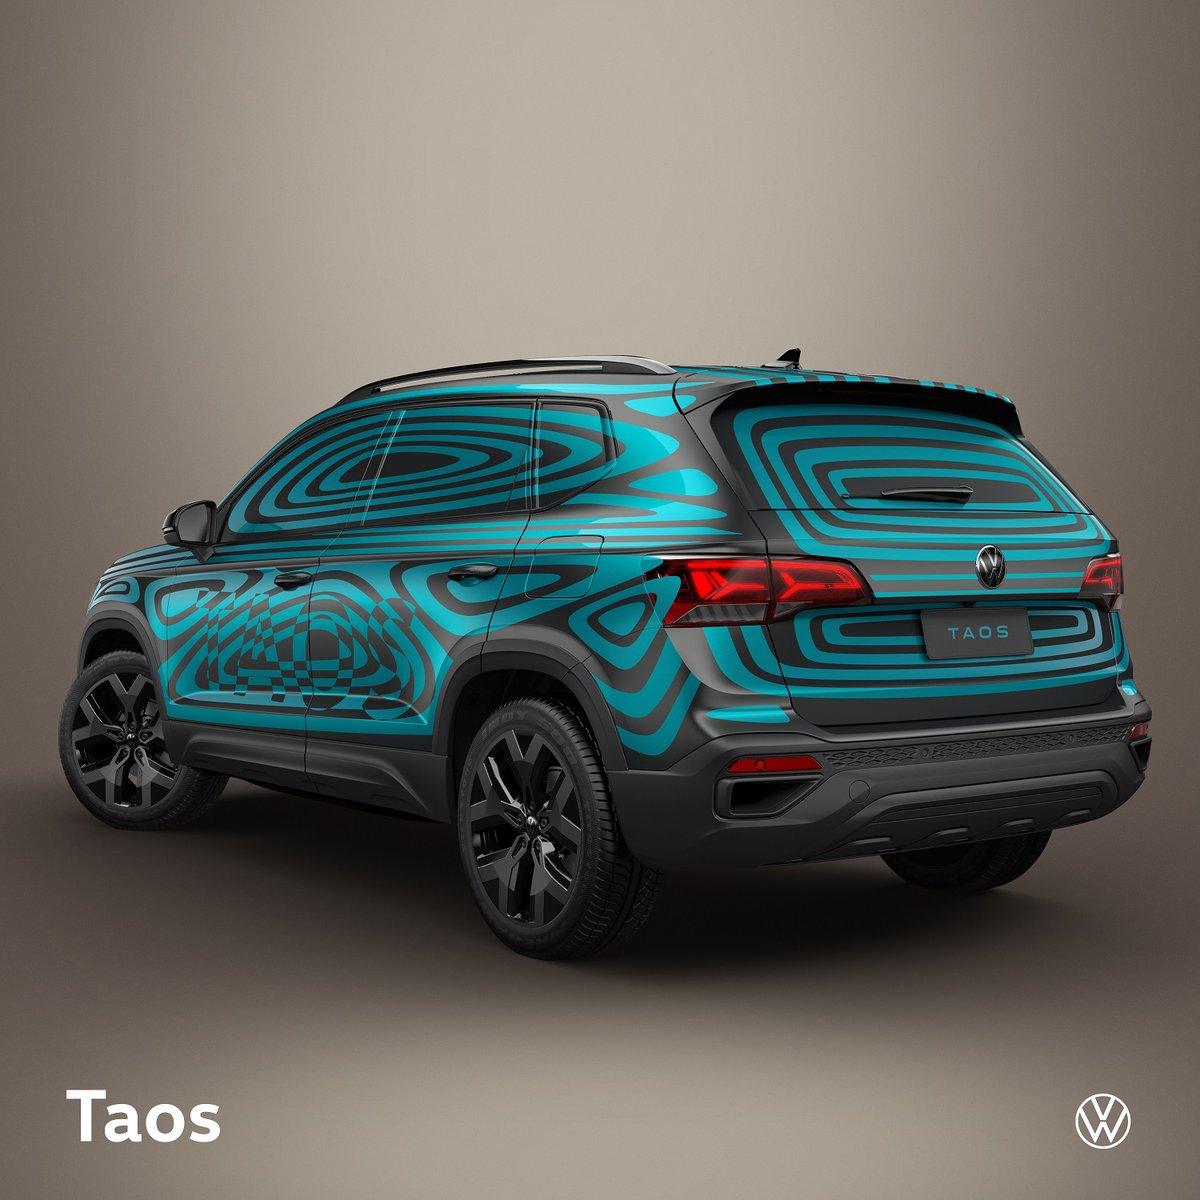 #Entérate| @Volkswagen_MX da un pequeño adelanto del nuevo modelo #Taos. Mismo que será develado el 13 de octubre a nivel #mundial, desde la planta de #Puebla. https://t.co/X8pv9ArtCL